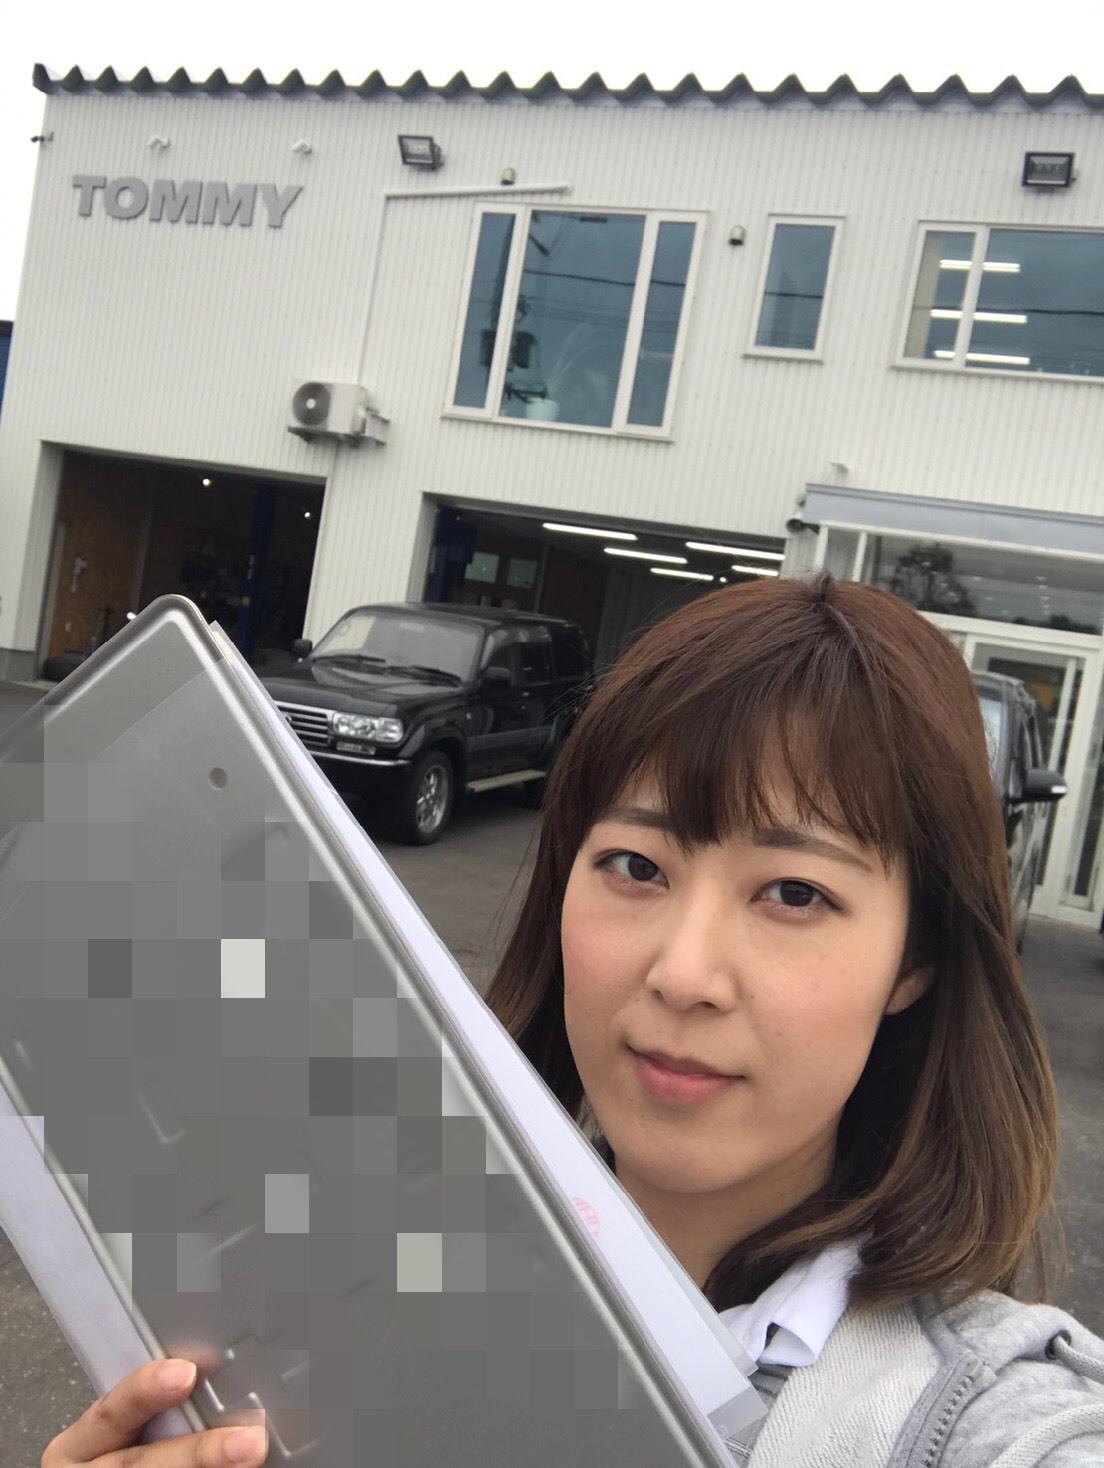 6月7日(水)TOMMY BASE ともみブログ☆ランクル レクサス ハイエース取り扱ってます☆_b0127002_23072473.jpg